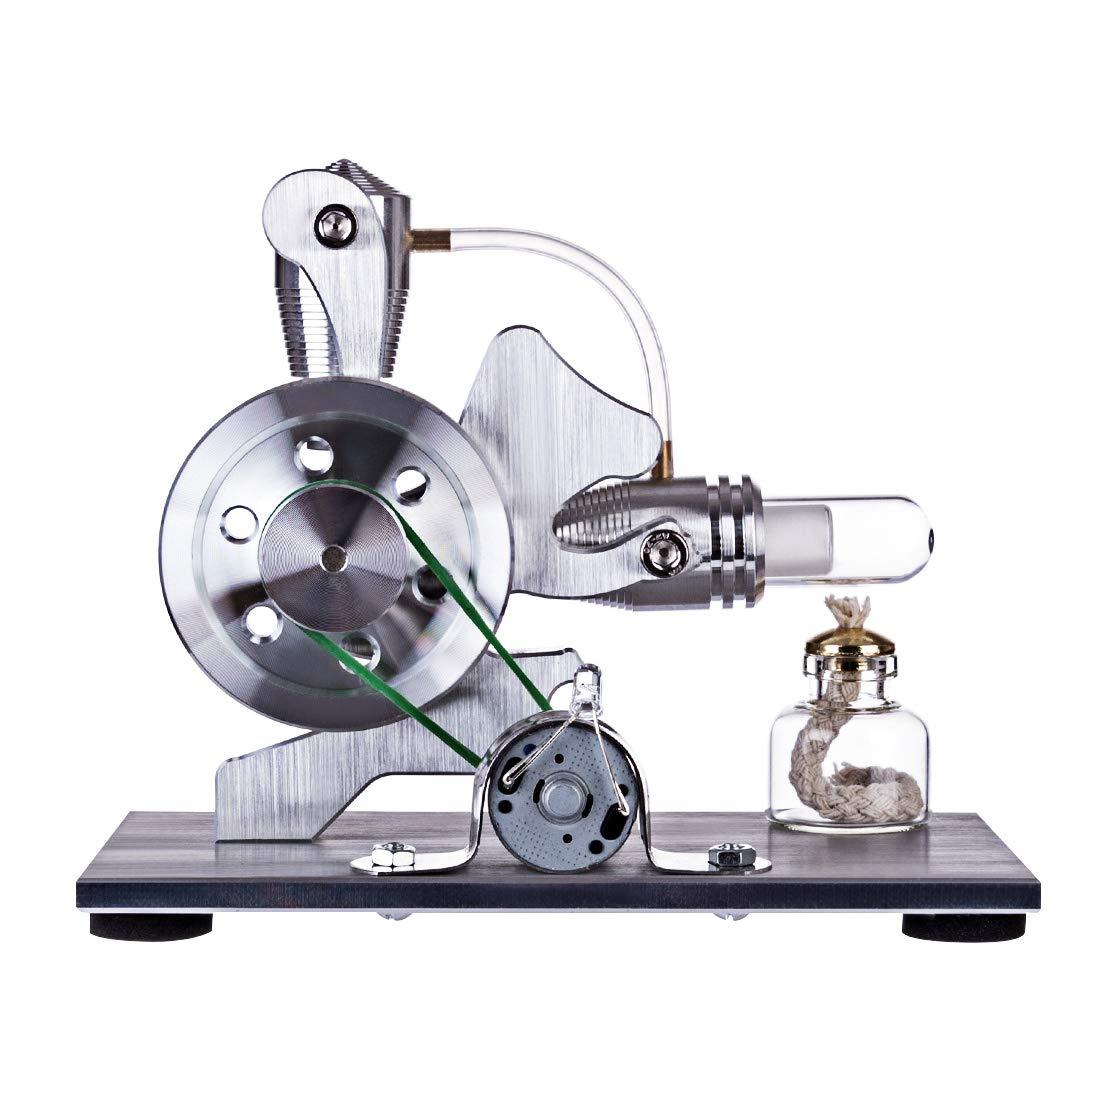 Amitas Stirlingmotor Bausatz 1 Zylinder Stirling Engine Motormodell mit Lampe Motor Spielzeug Physikalische Wissenschaft für Kinder und Teenager